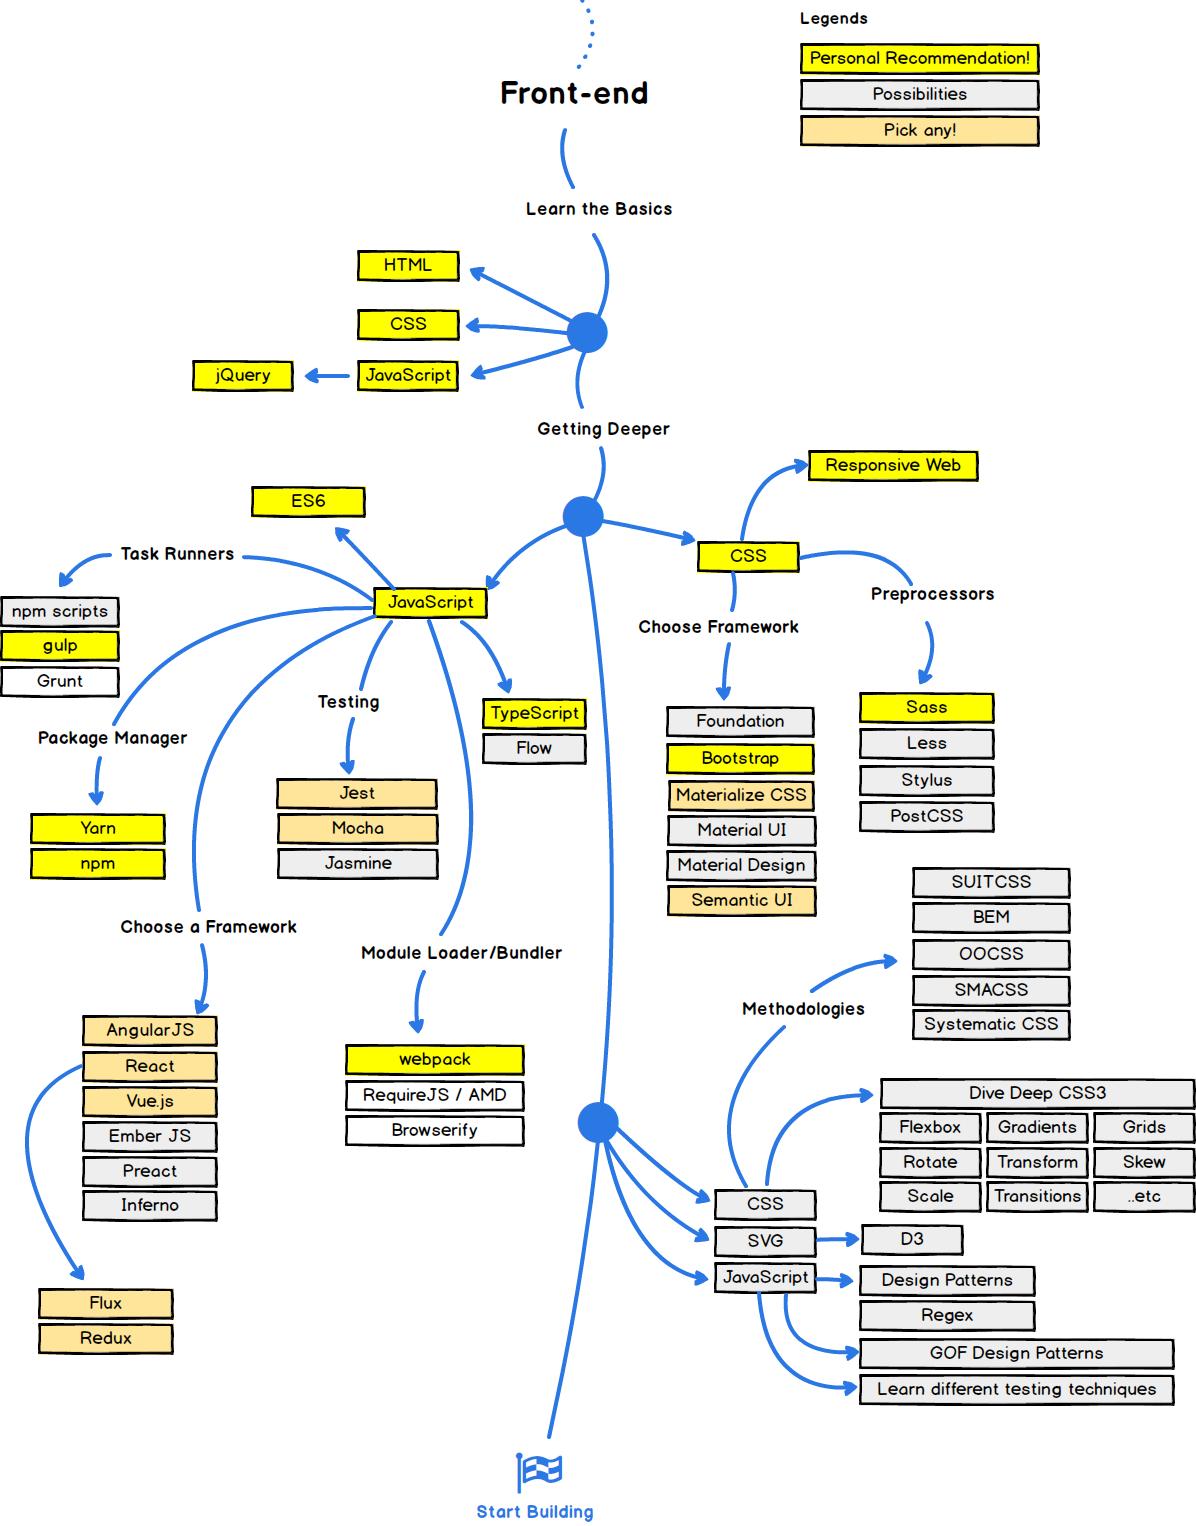 GitHub - kamranahmedse/developer-roadmap: Roadmap to